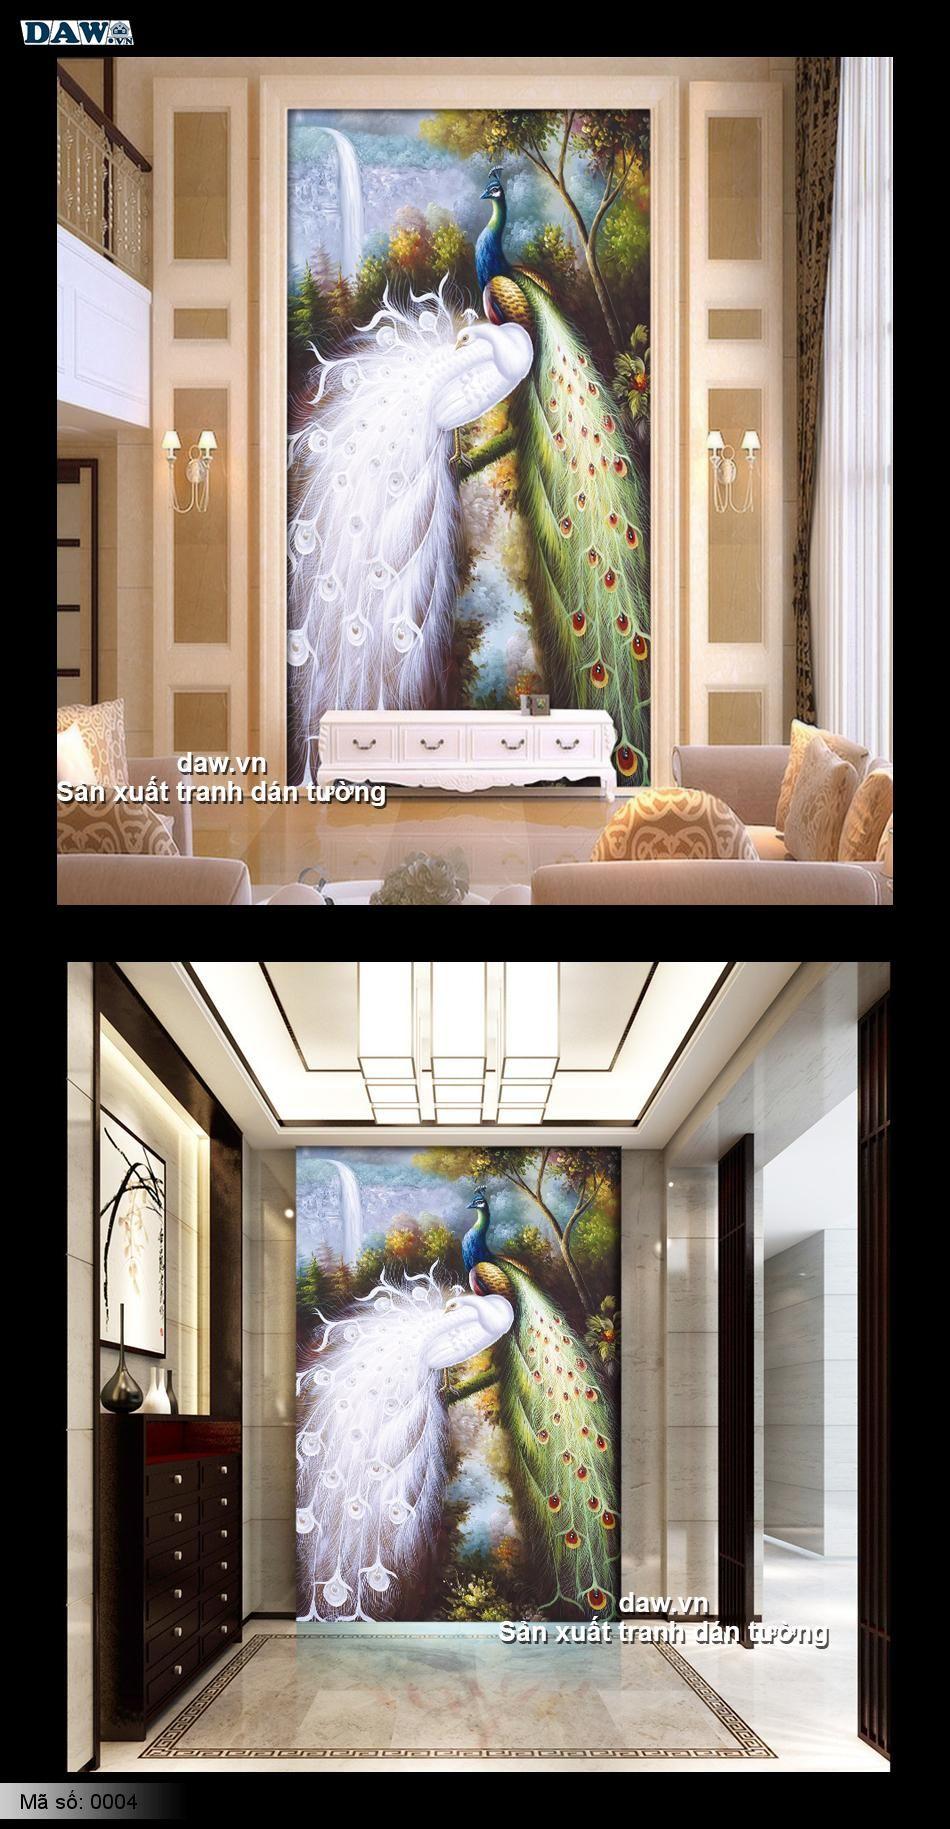 Tranh dán tường chim công, chim công trắng, chim công xanh, tranh dán tường phong thủy 0004